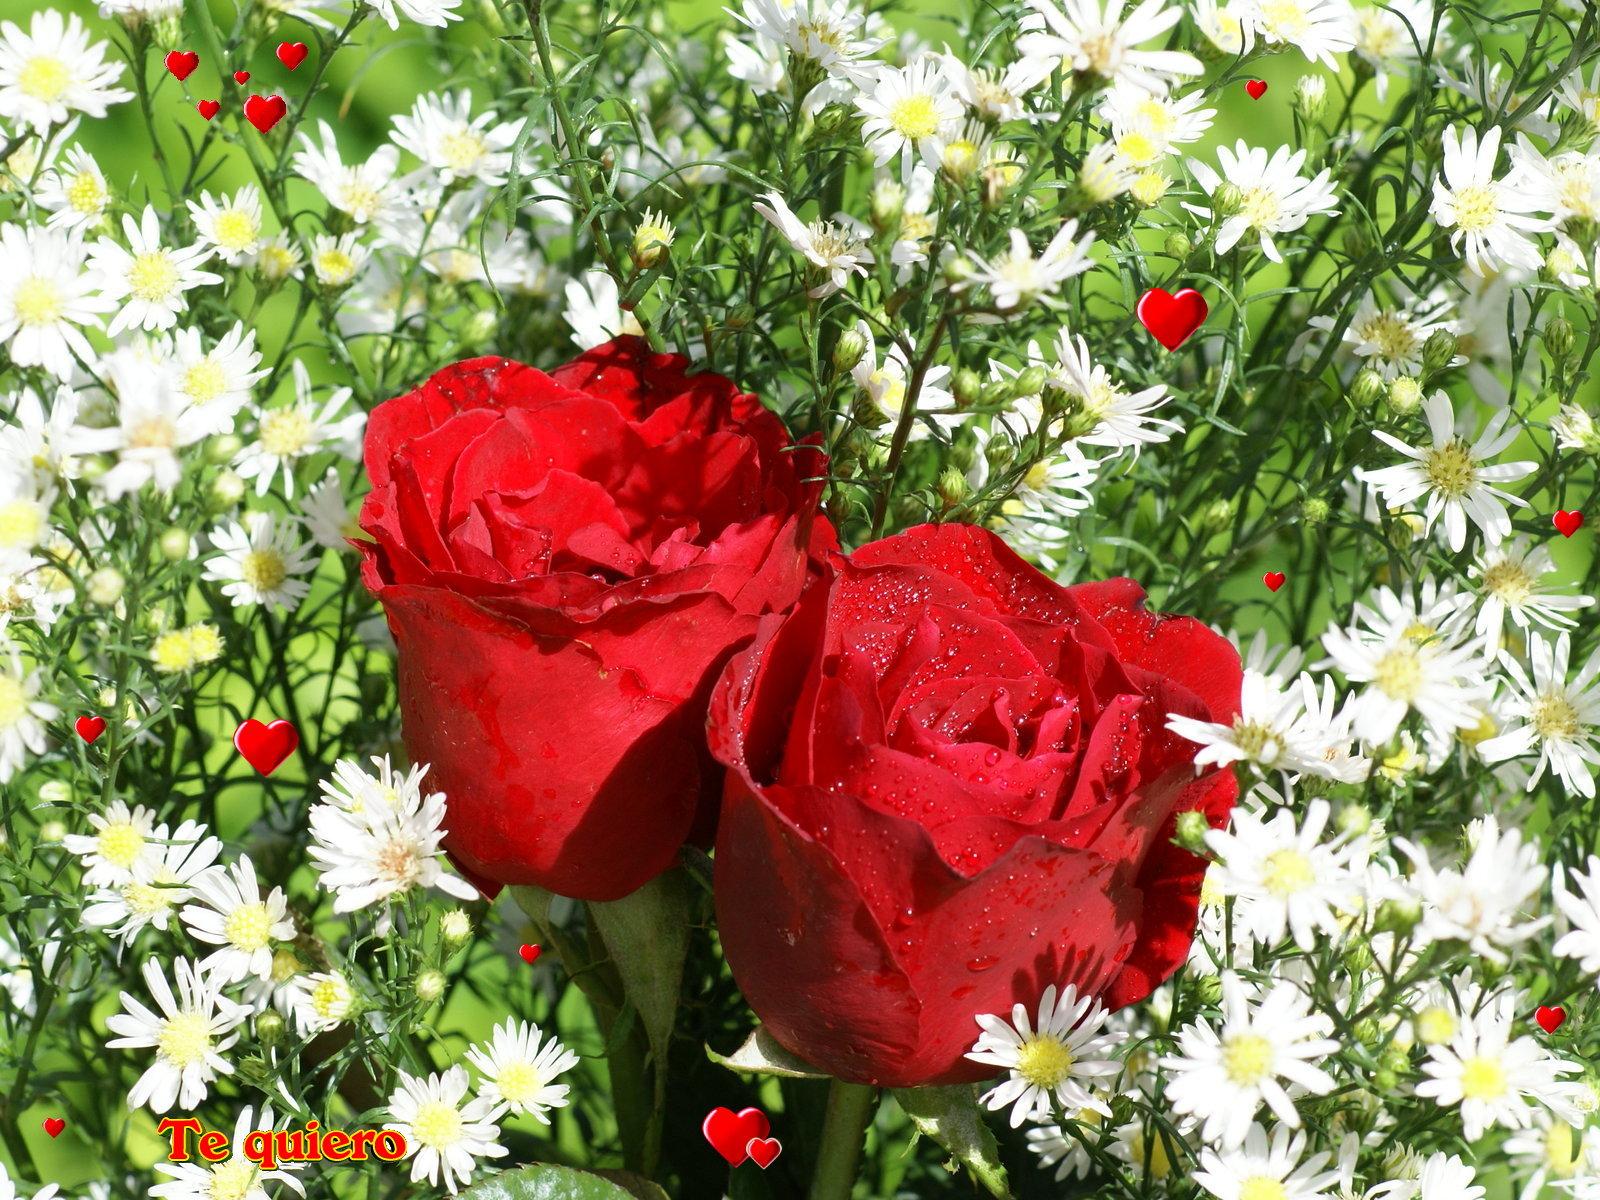 Fondos De Amor Fondos Corazones Y Rosas Amor